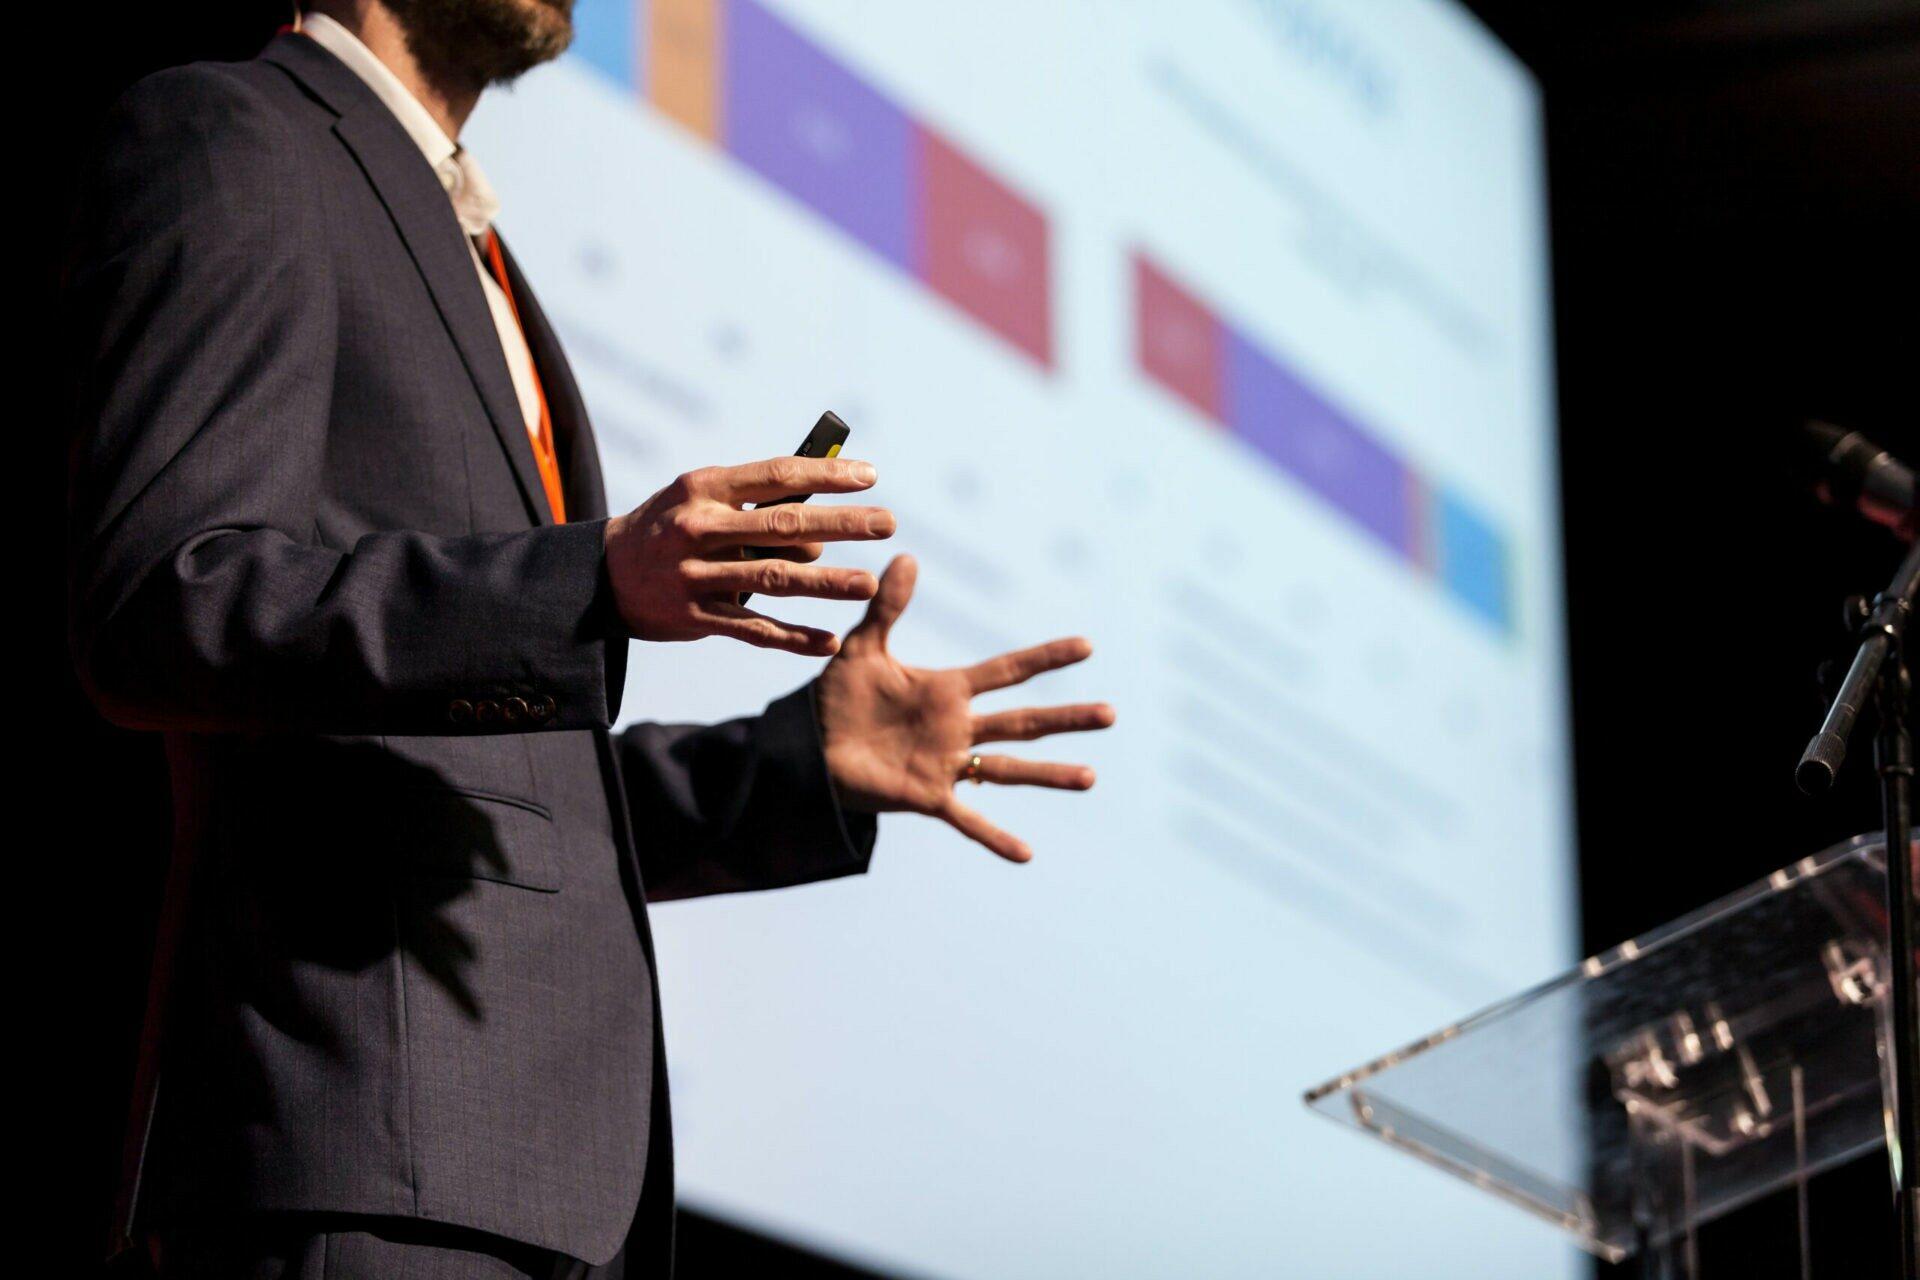 Die Hände eines Sprechers, der eine Präsentation auf einer Konferenz hält.